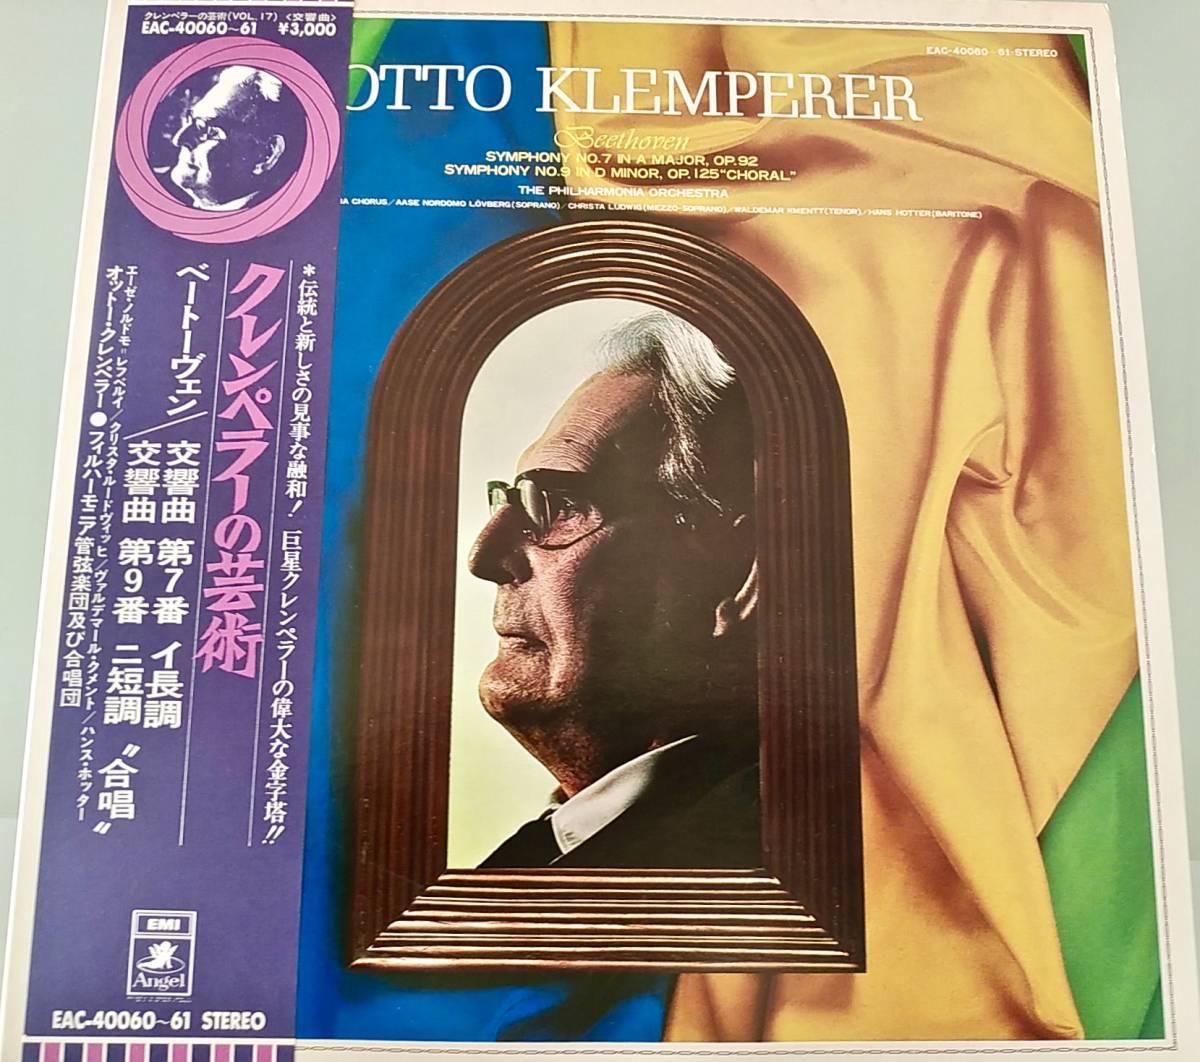 【2枚組】ベートーヴェン/交響曲第7番イ長調、第9番ニ短調「合唱付」 オットー・クレンペラー指揮 フィルハーモニア管弦楽団及び合唱団_画像1